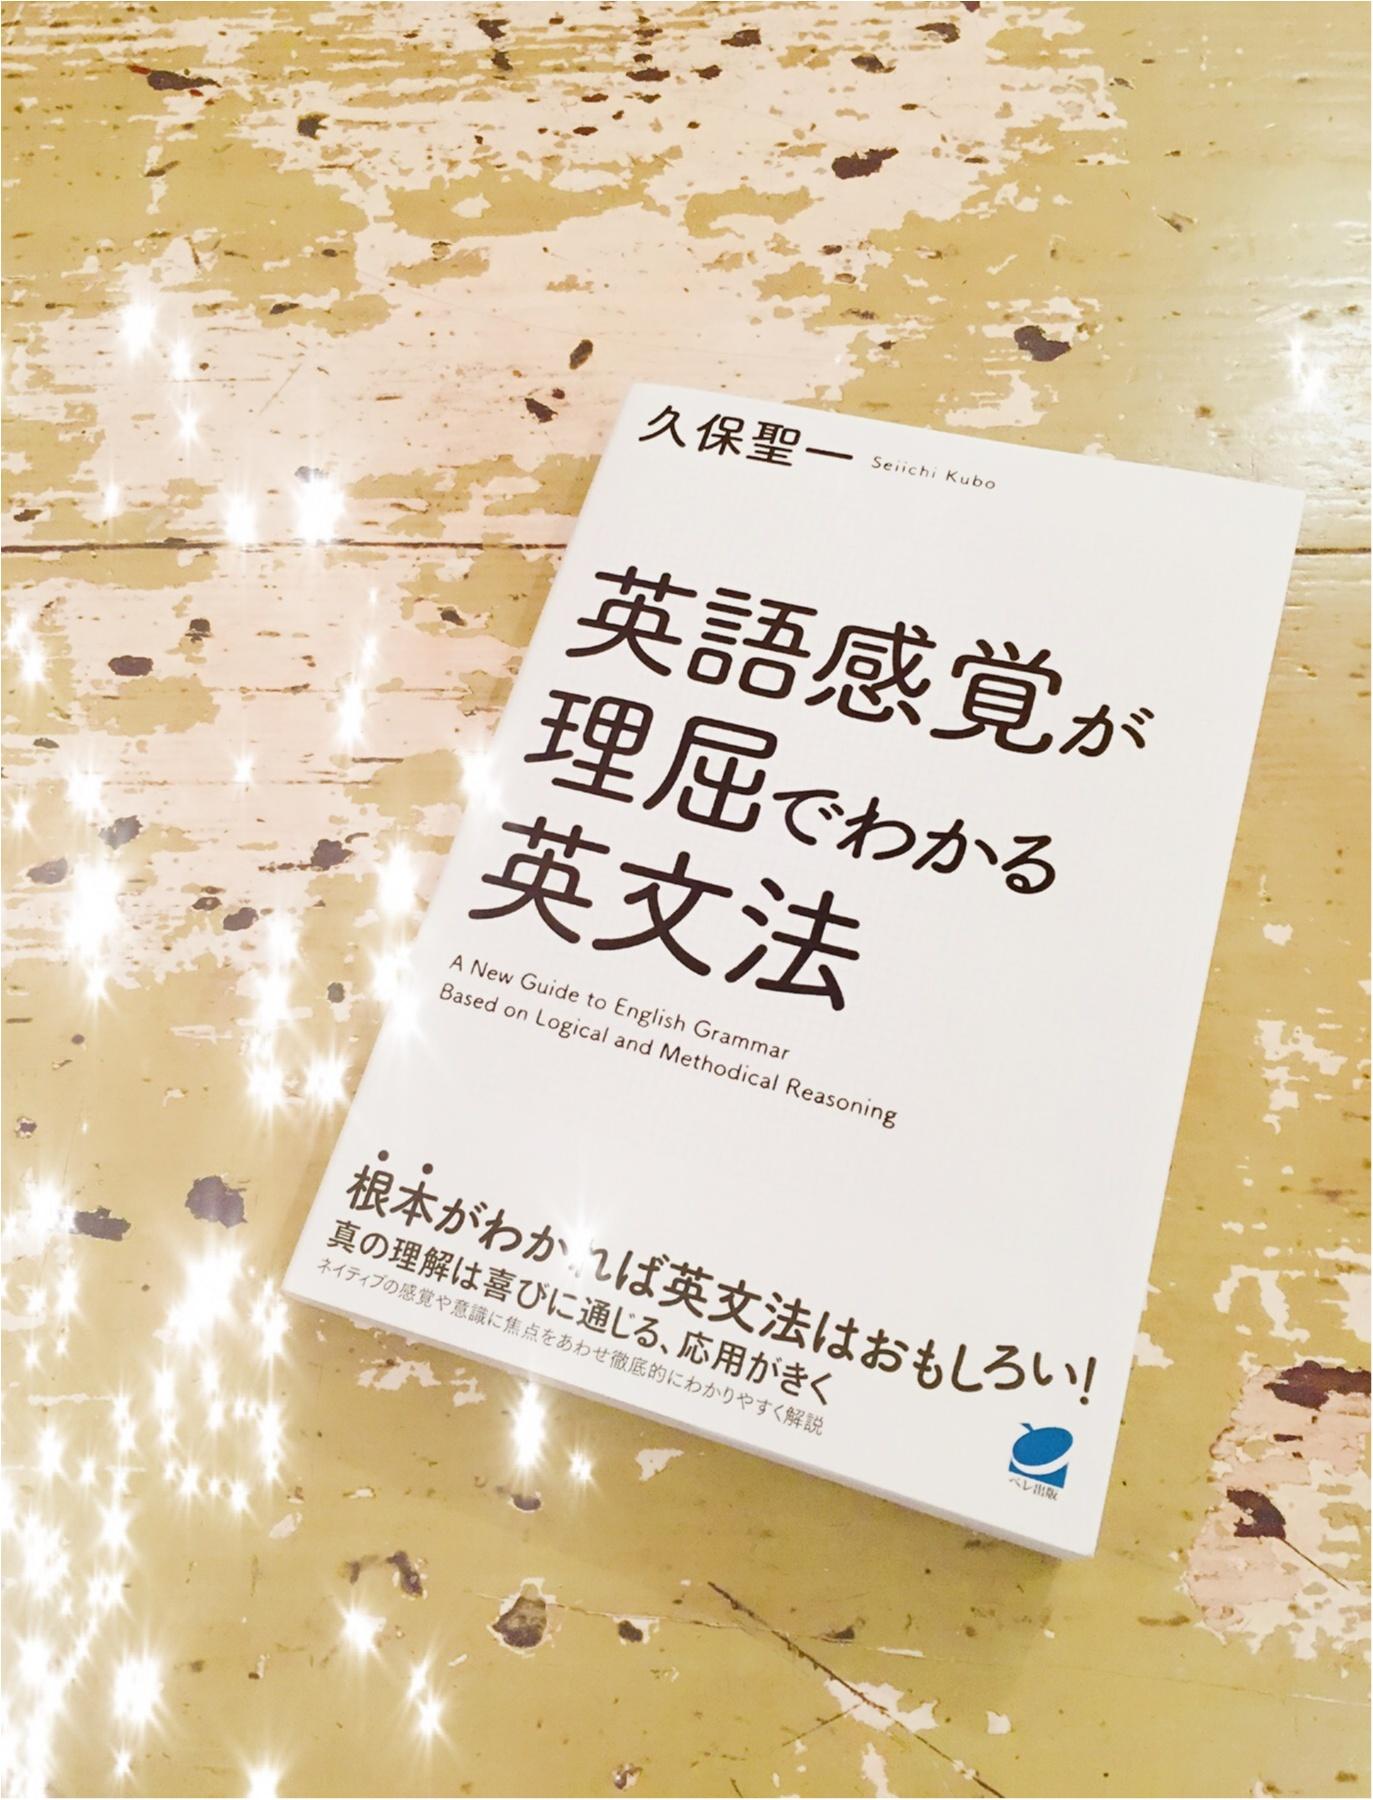 …ஐ 大人になってから英語を学びたいあなたへ༓【英語感覚が理屈で分かる英文法】で語学力を伸ばそう!!! ஐ¨_2